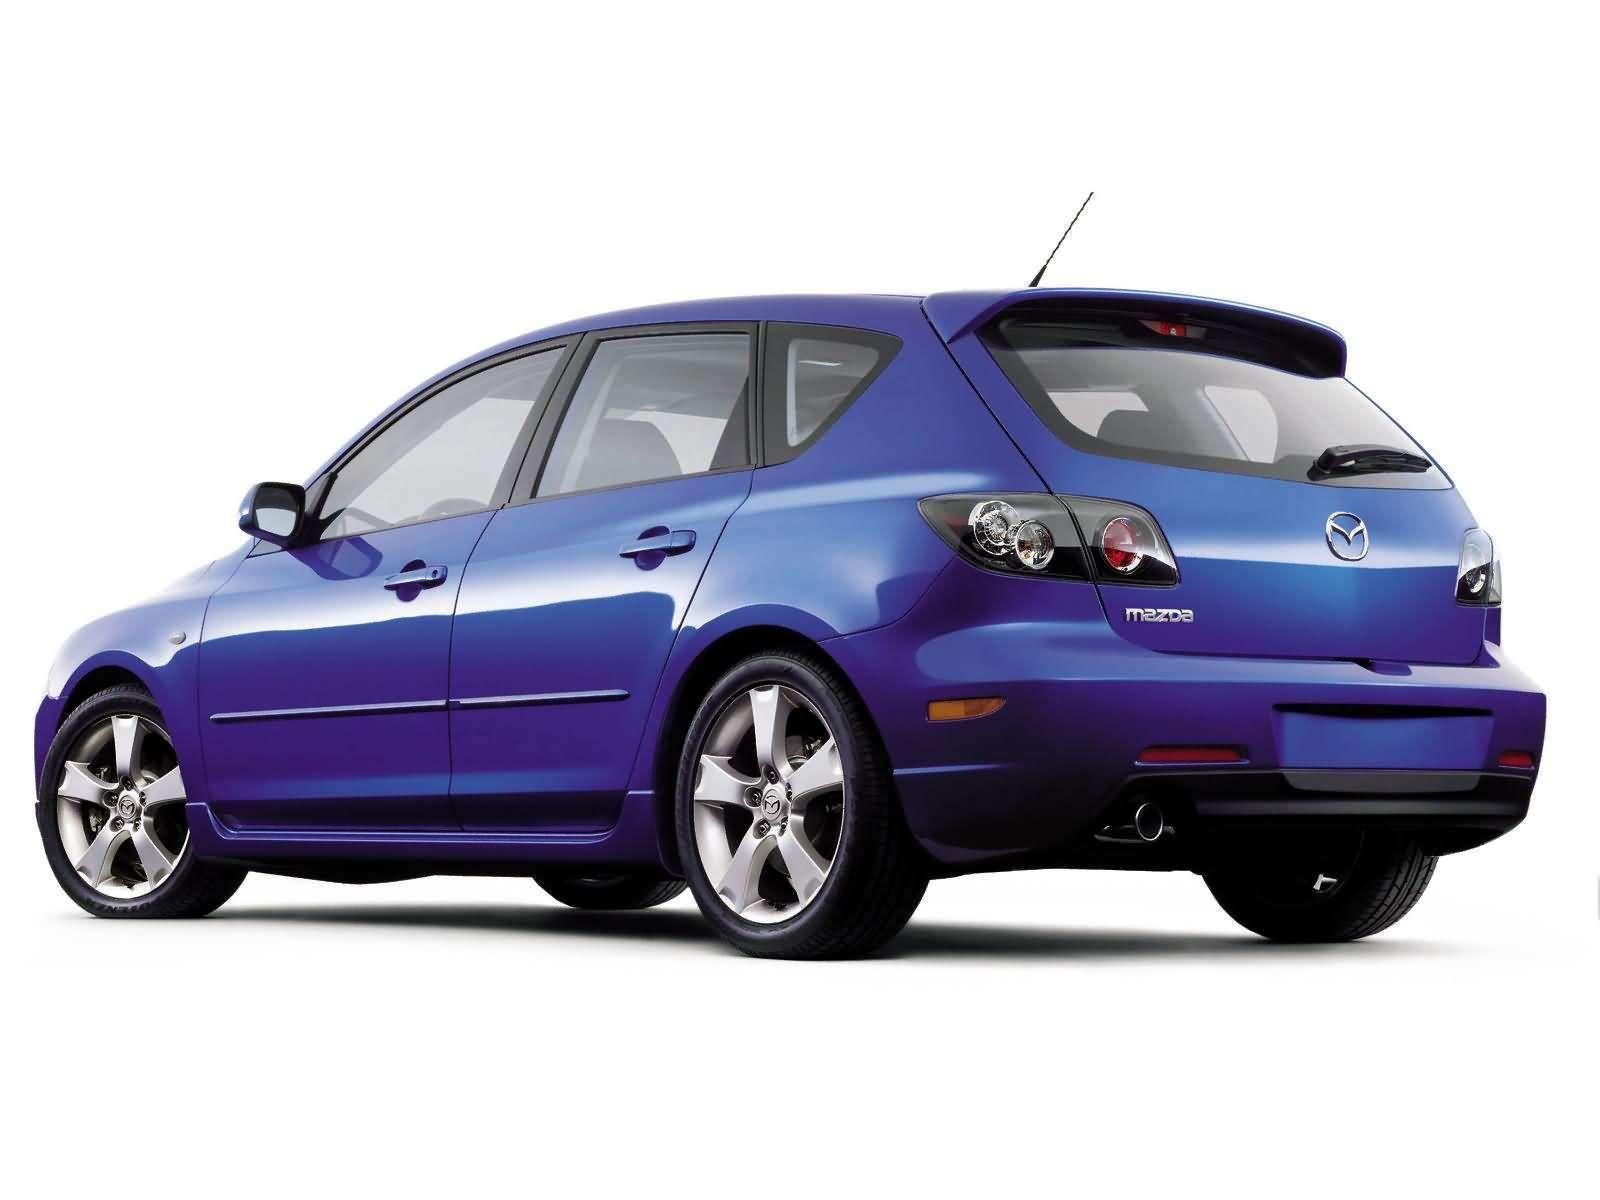 2004 Mazda 3 Hatchback >> 2004 Mazda3 Hatchback We Got The 3 After The Protege Got